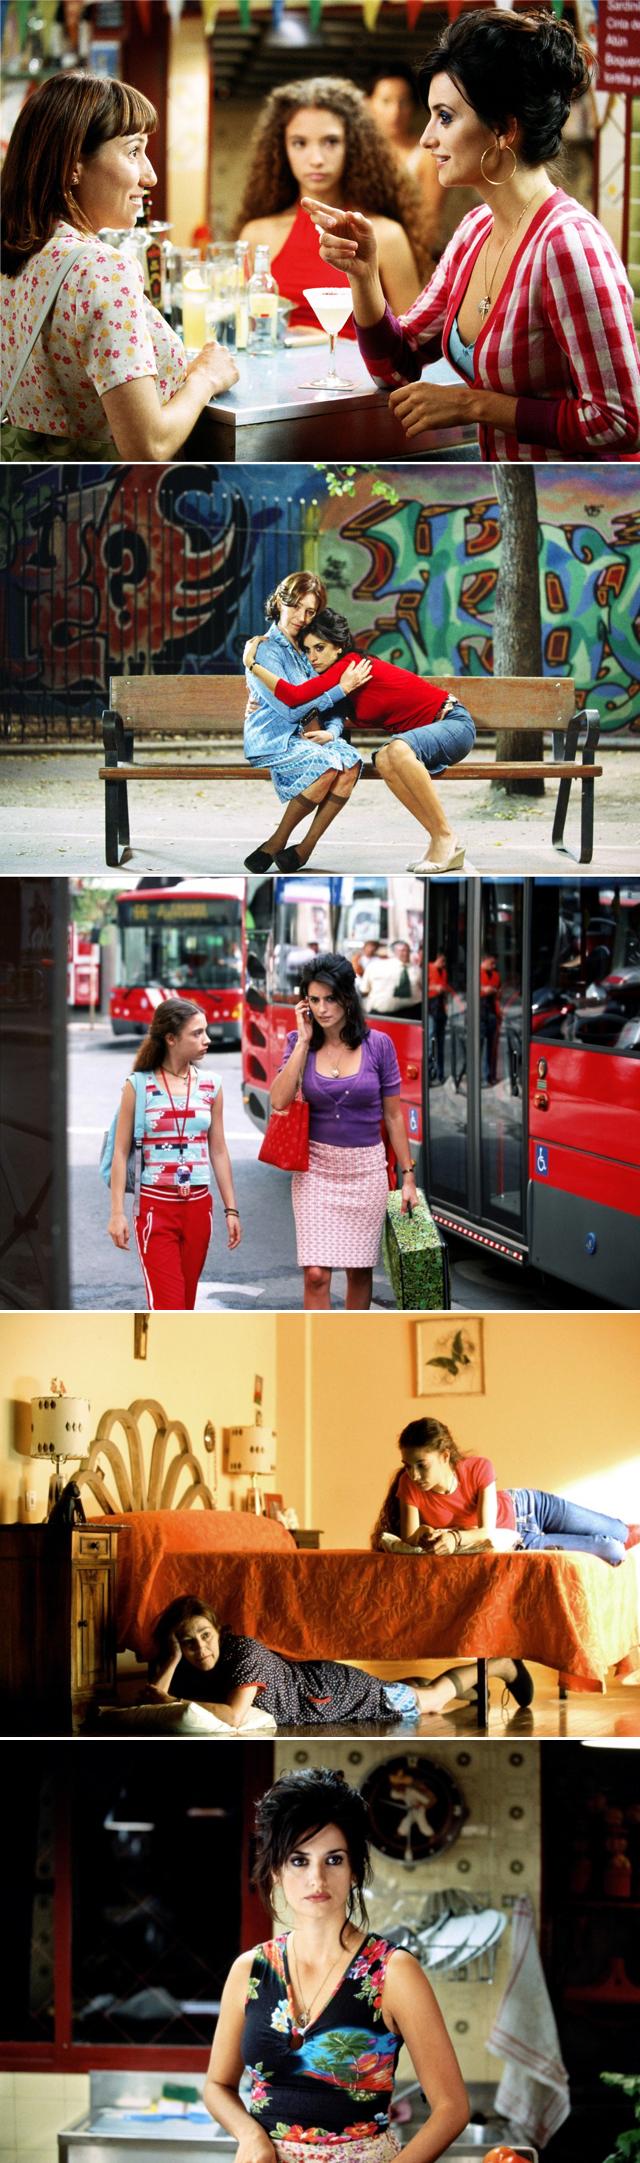 Rojo Volver Fashiongraphic Blog Cinématographie Film Septième Art